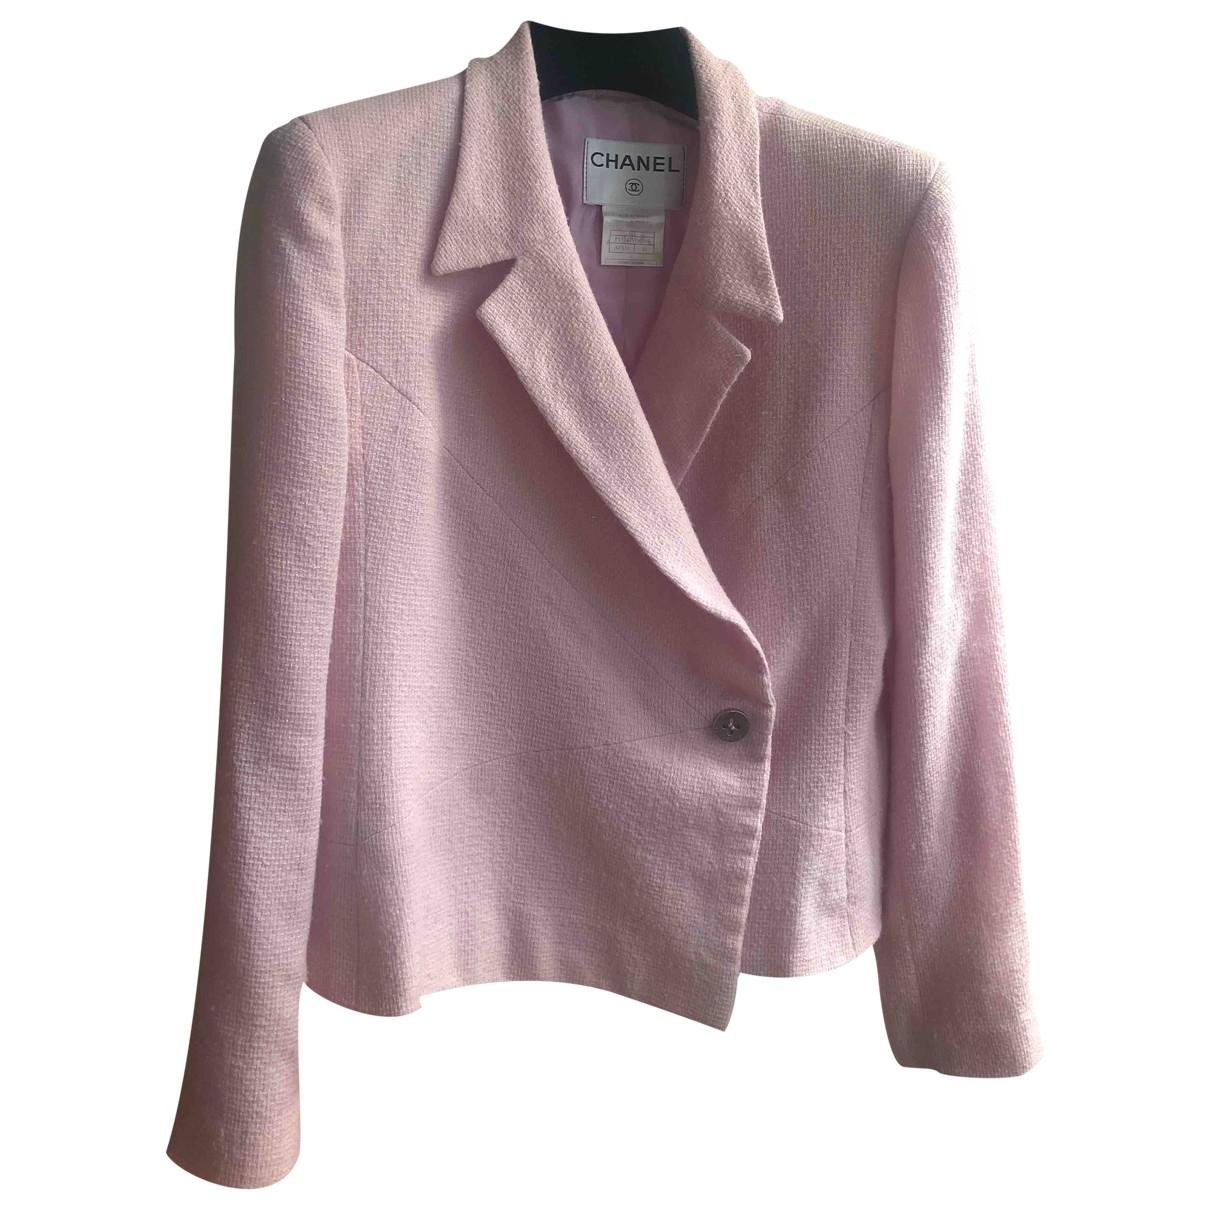 Chanel - Veste   pour femme en laine - rose